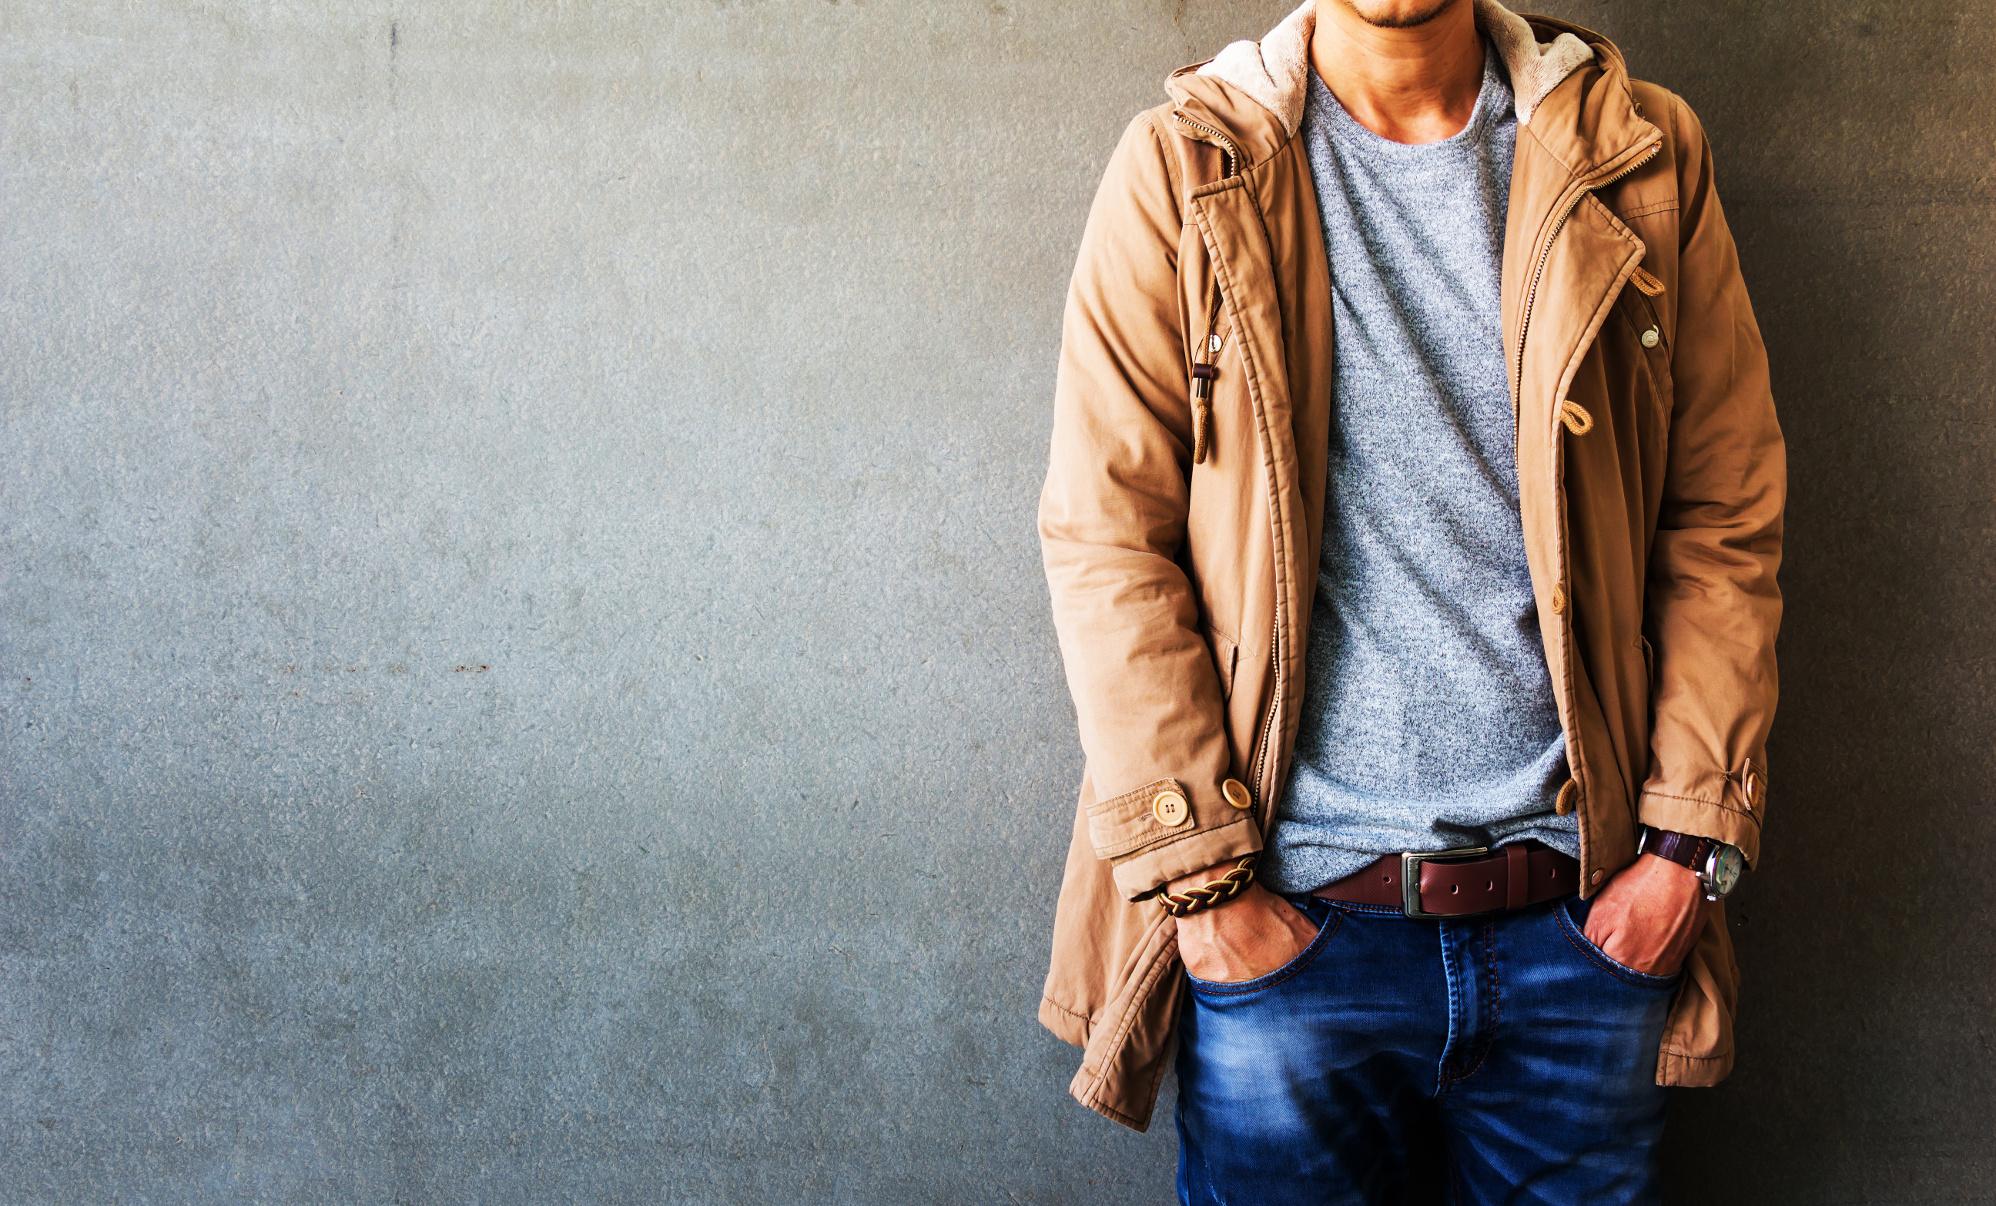 Cómo Vestir Casual Con Las Tendencias En Moda Para Hombre